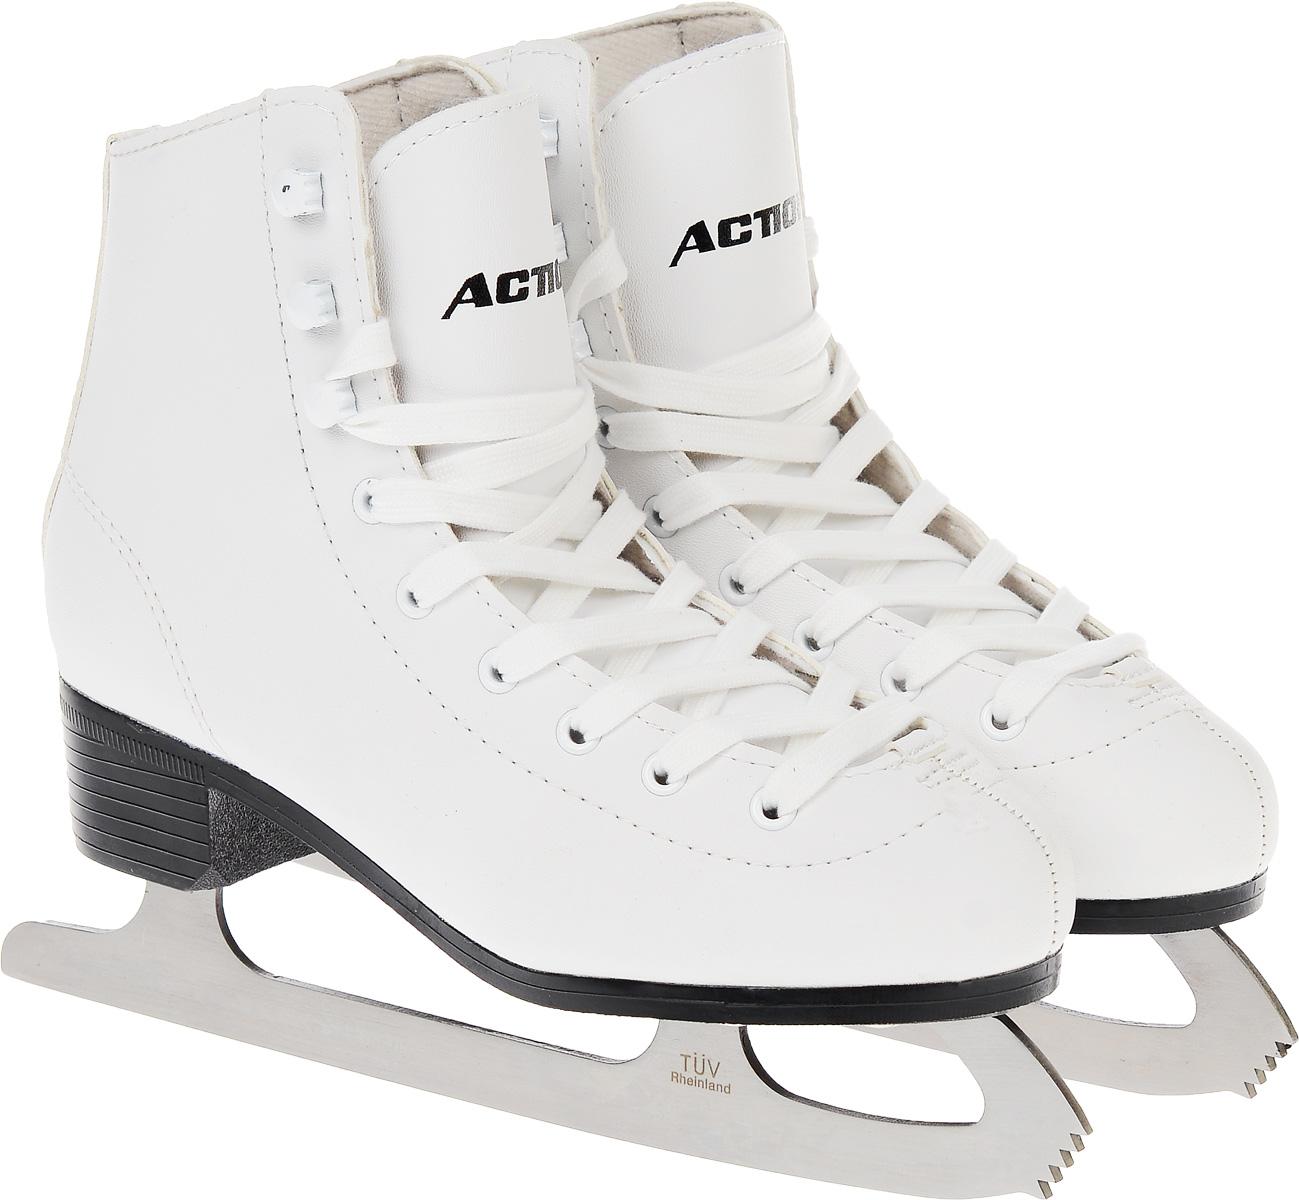 Коньки фигурные женские Action Sporting Goods, цвет: белый. PW-215. Размер 40